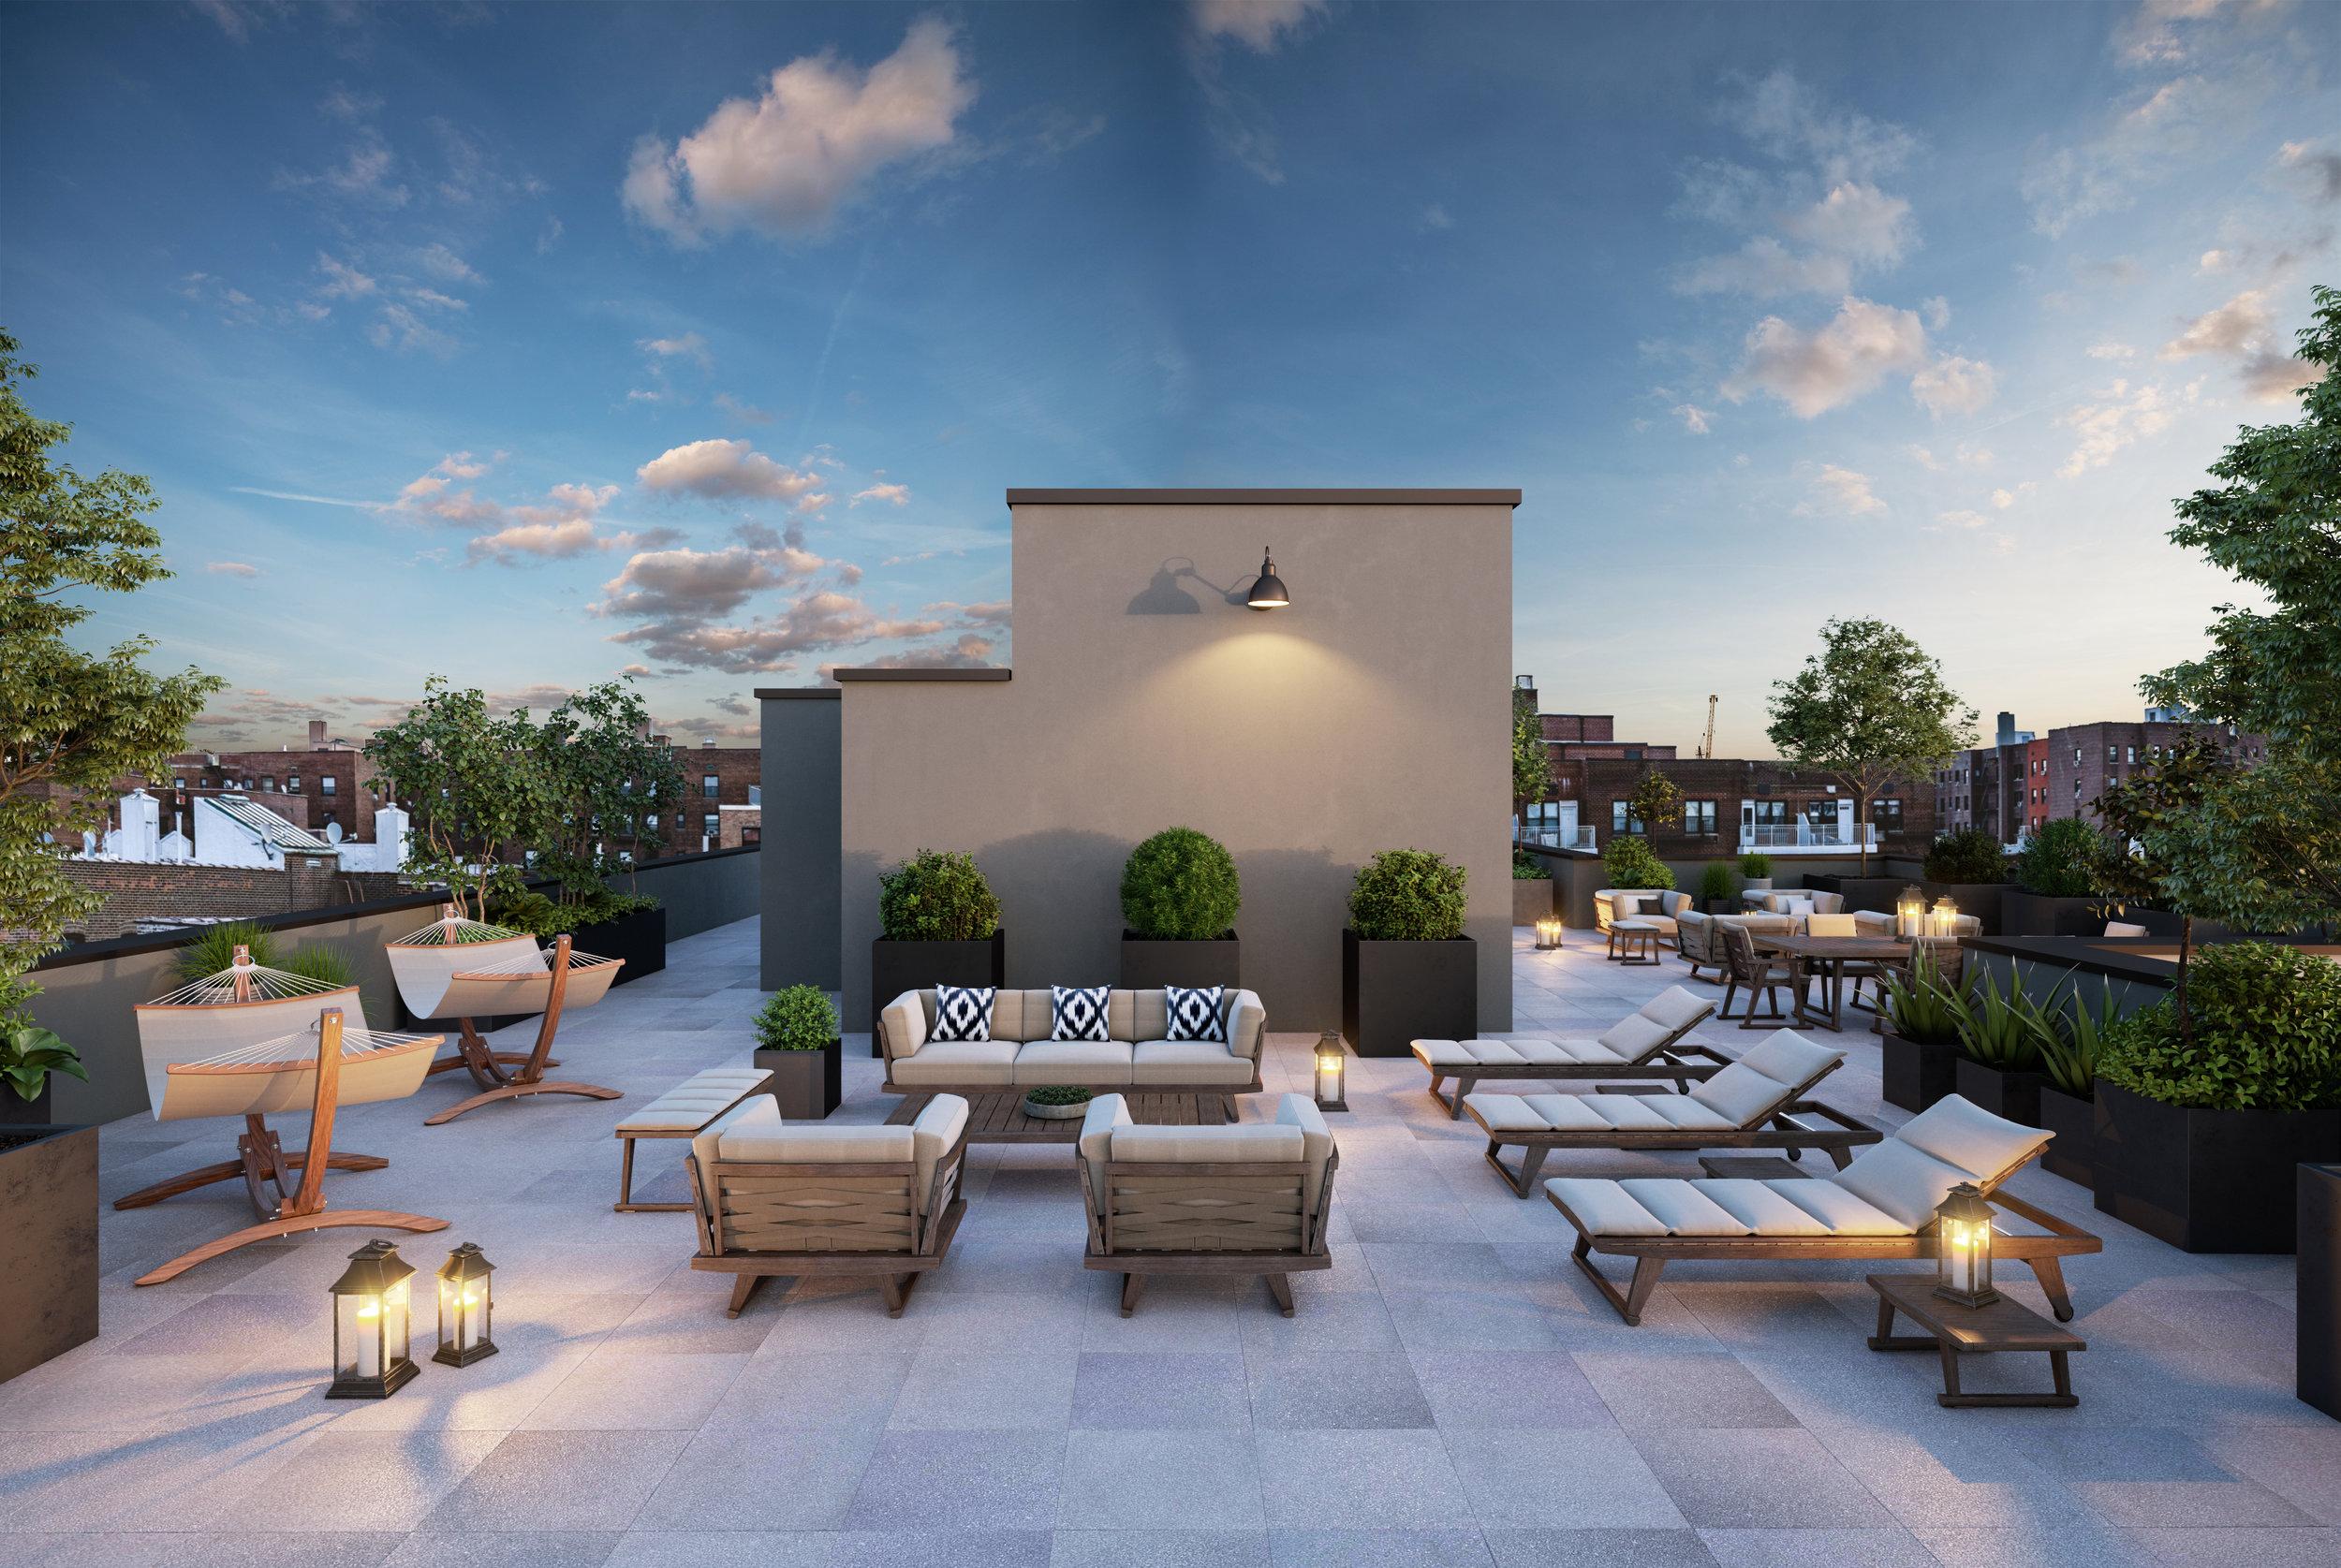 The Alexandra_Roof Deck_100119_.jpg